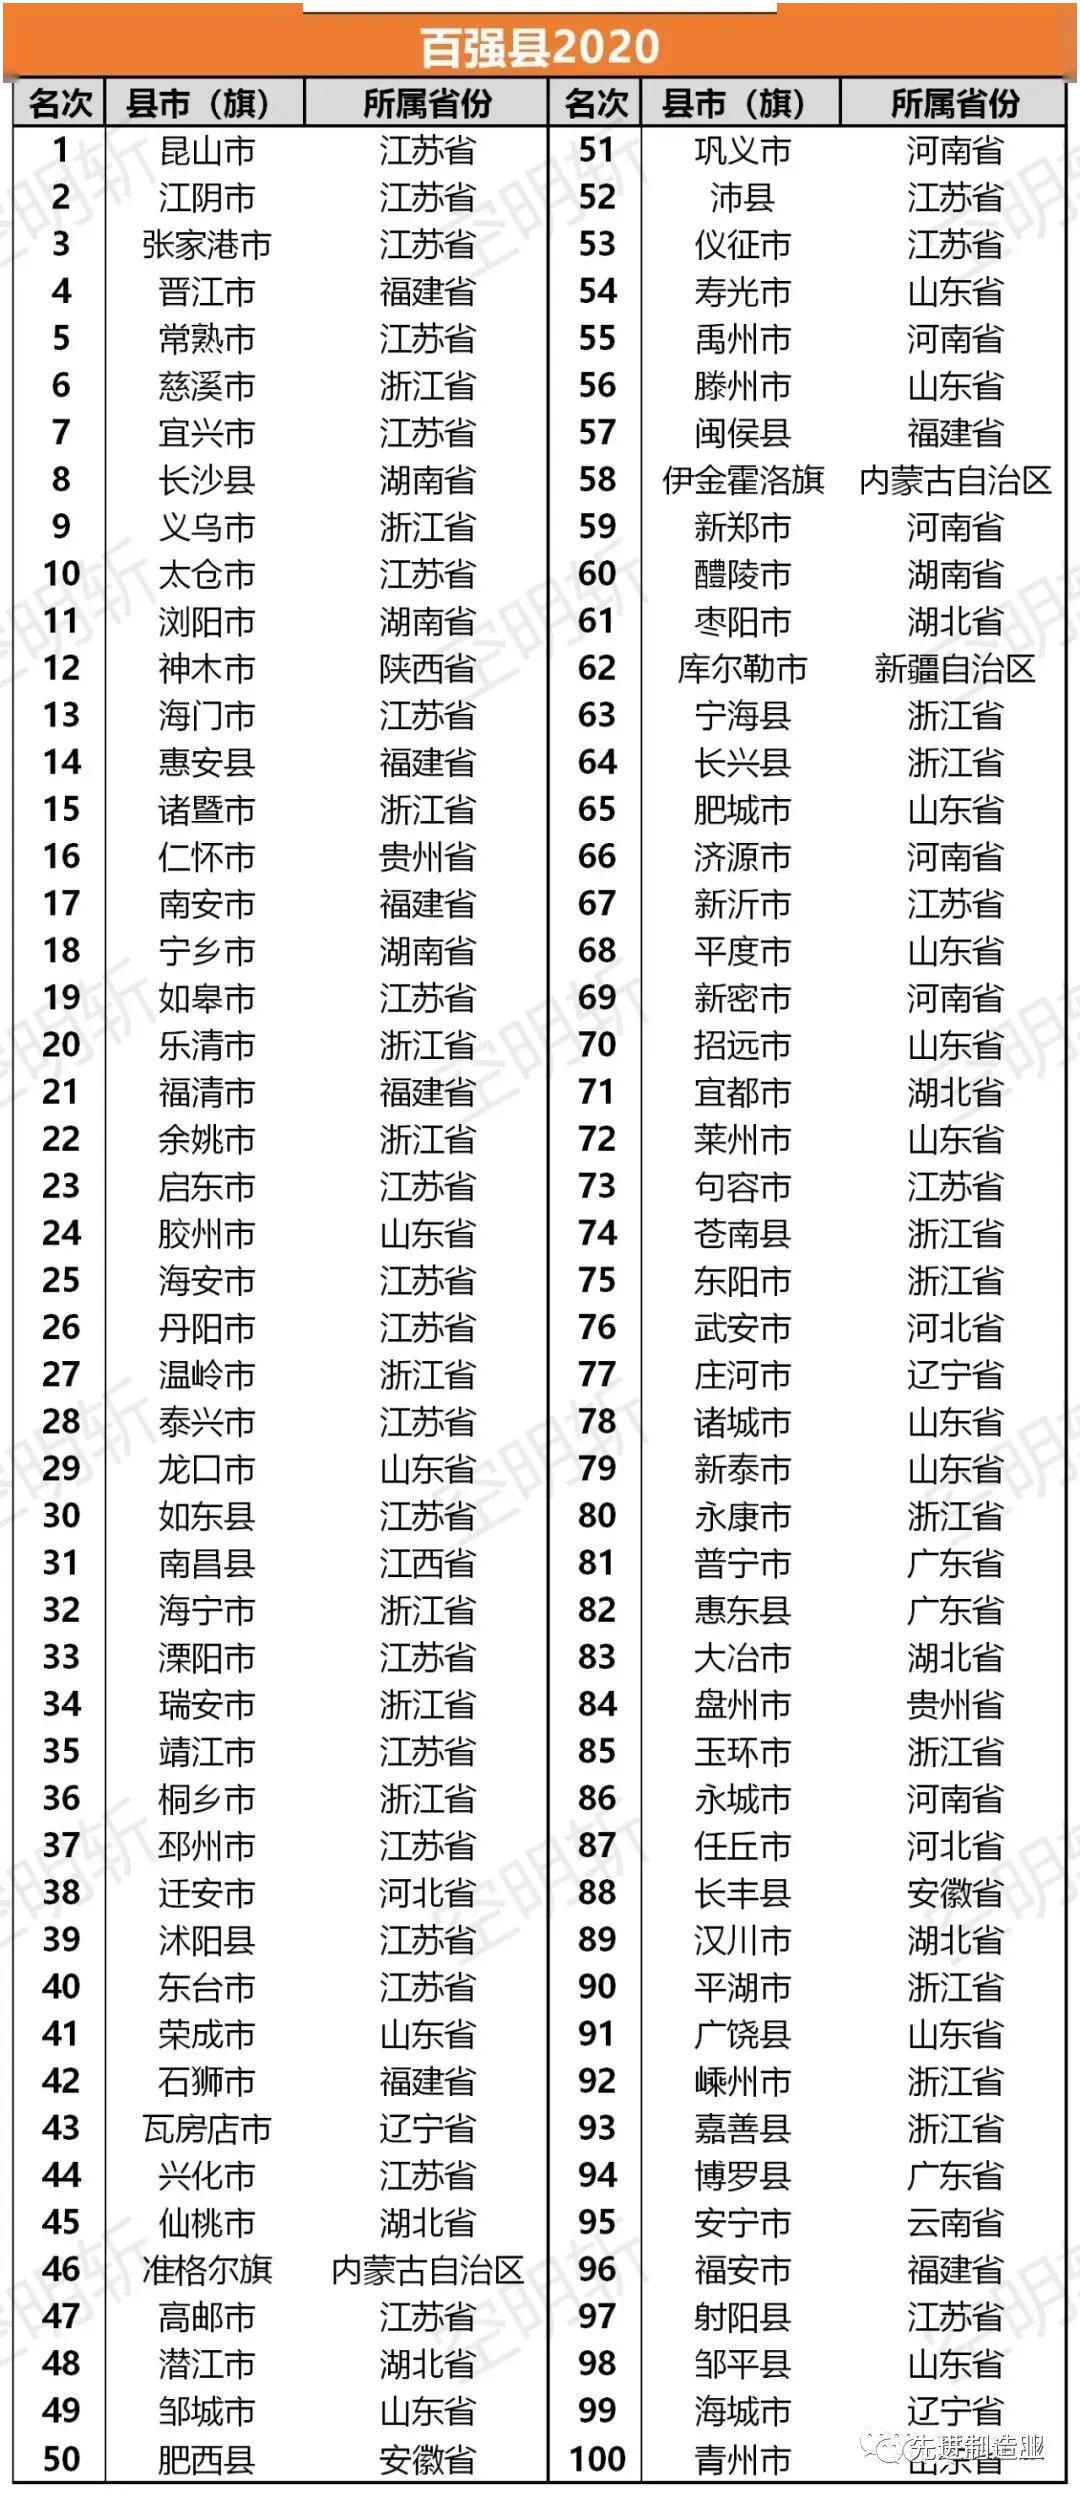 2020单曲排行榜_亮点突出 2020养老服务企业排行榜,出炉了